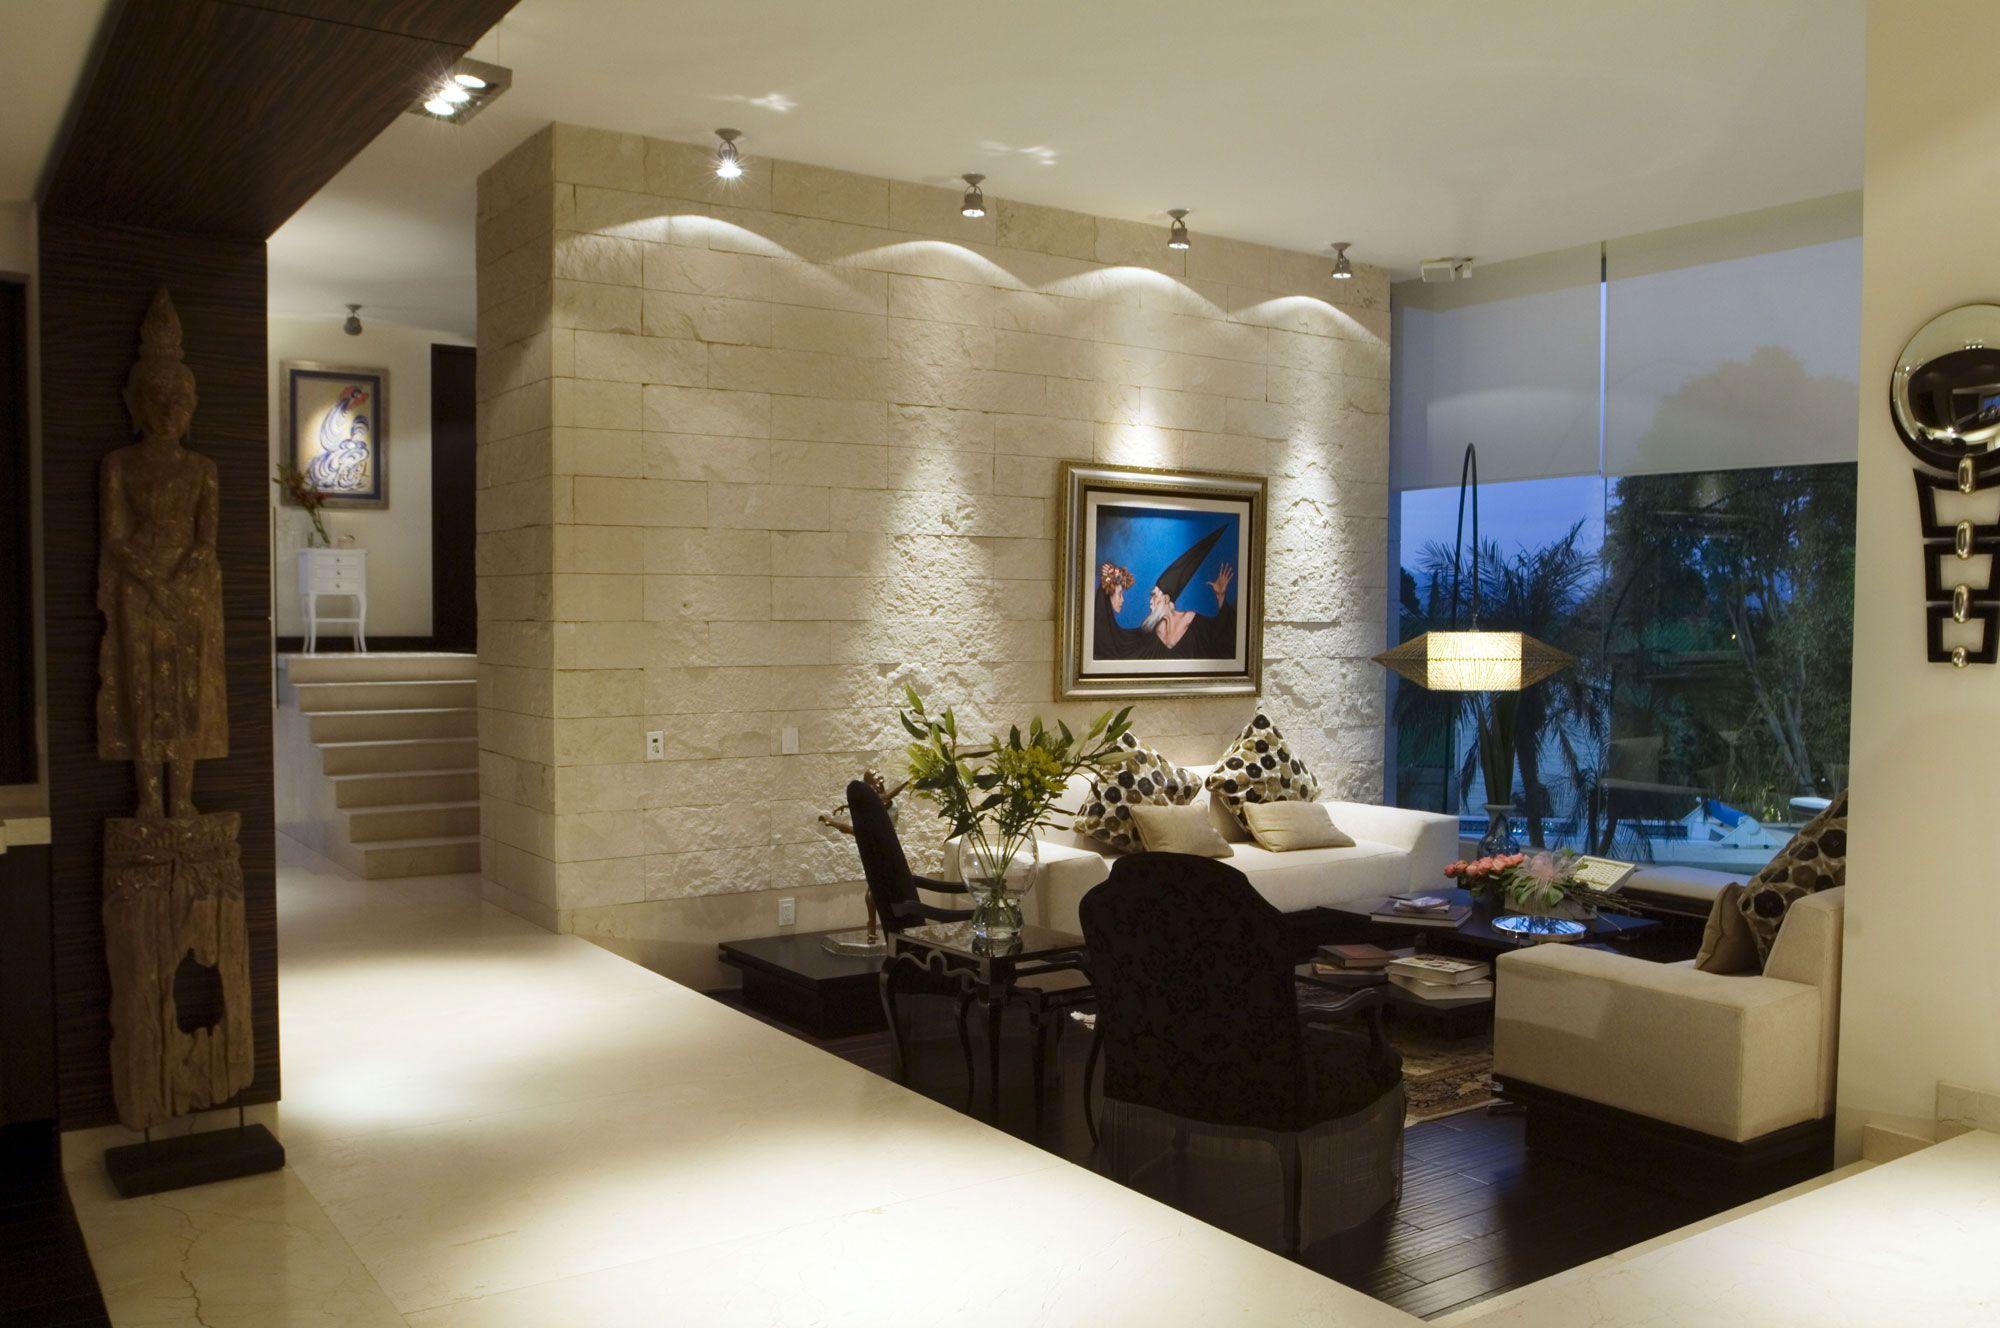 Pared de piedra arte lampara de piso desnivel - Piedras para decoracion de interiores ...